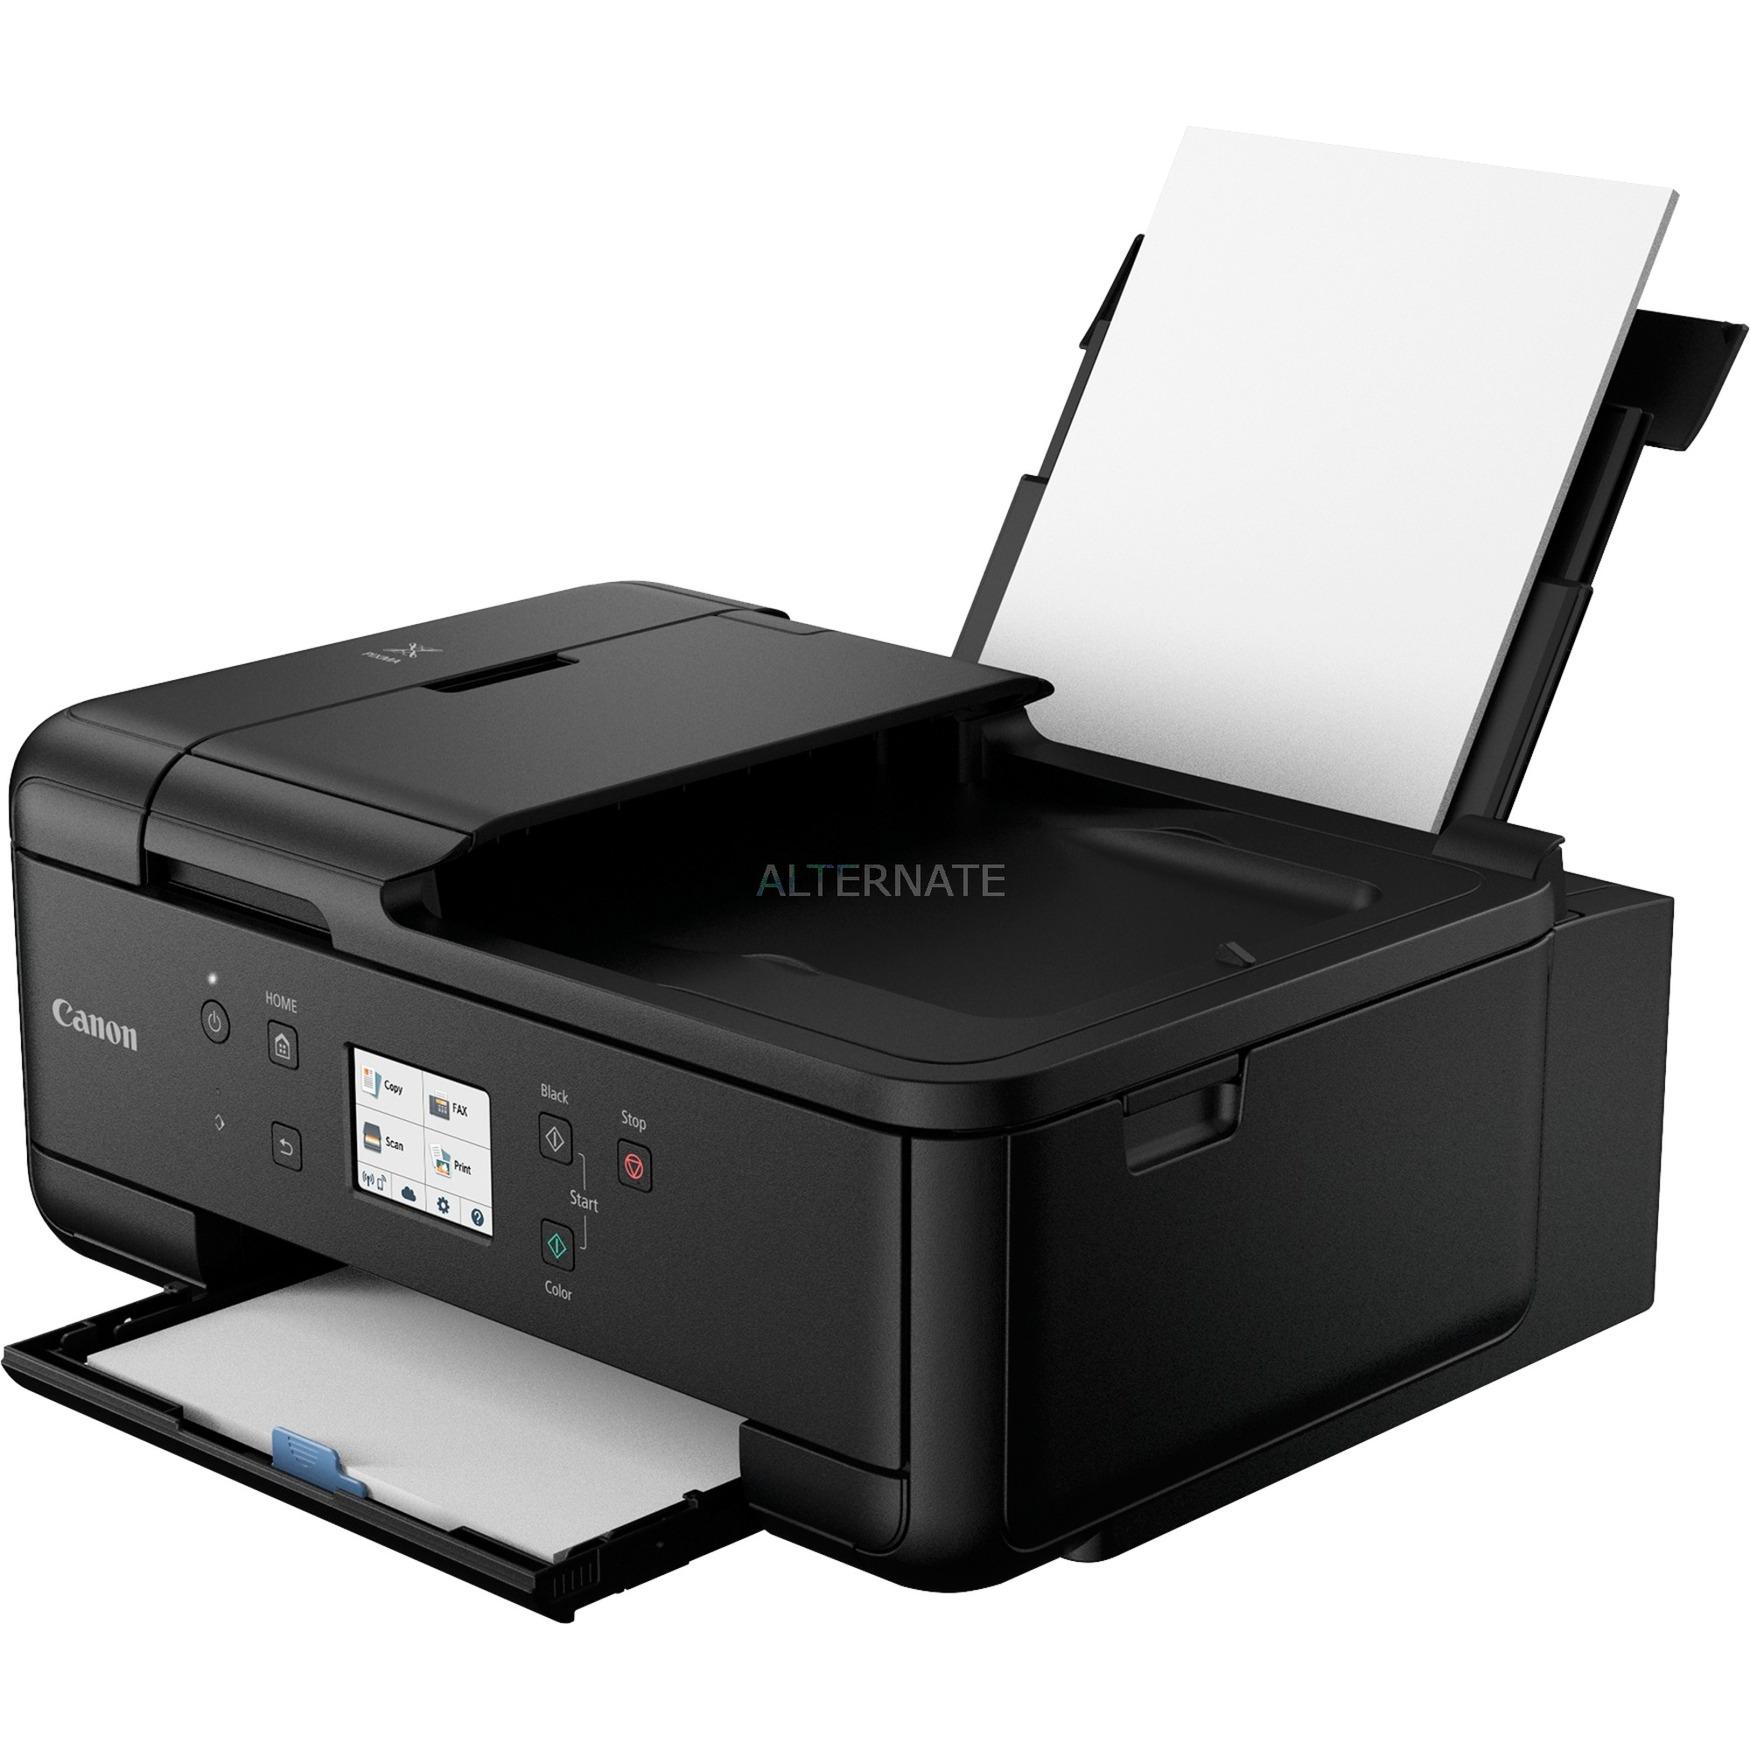 PIXMA TR7550 4800 x 1200DPI Jet d'encre A4 Wifi, Imprimante multifonction